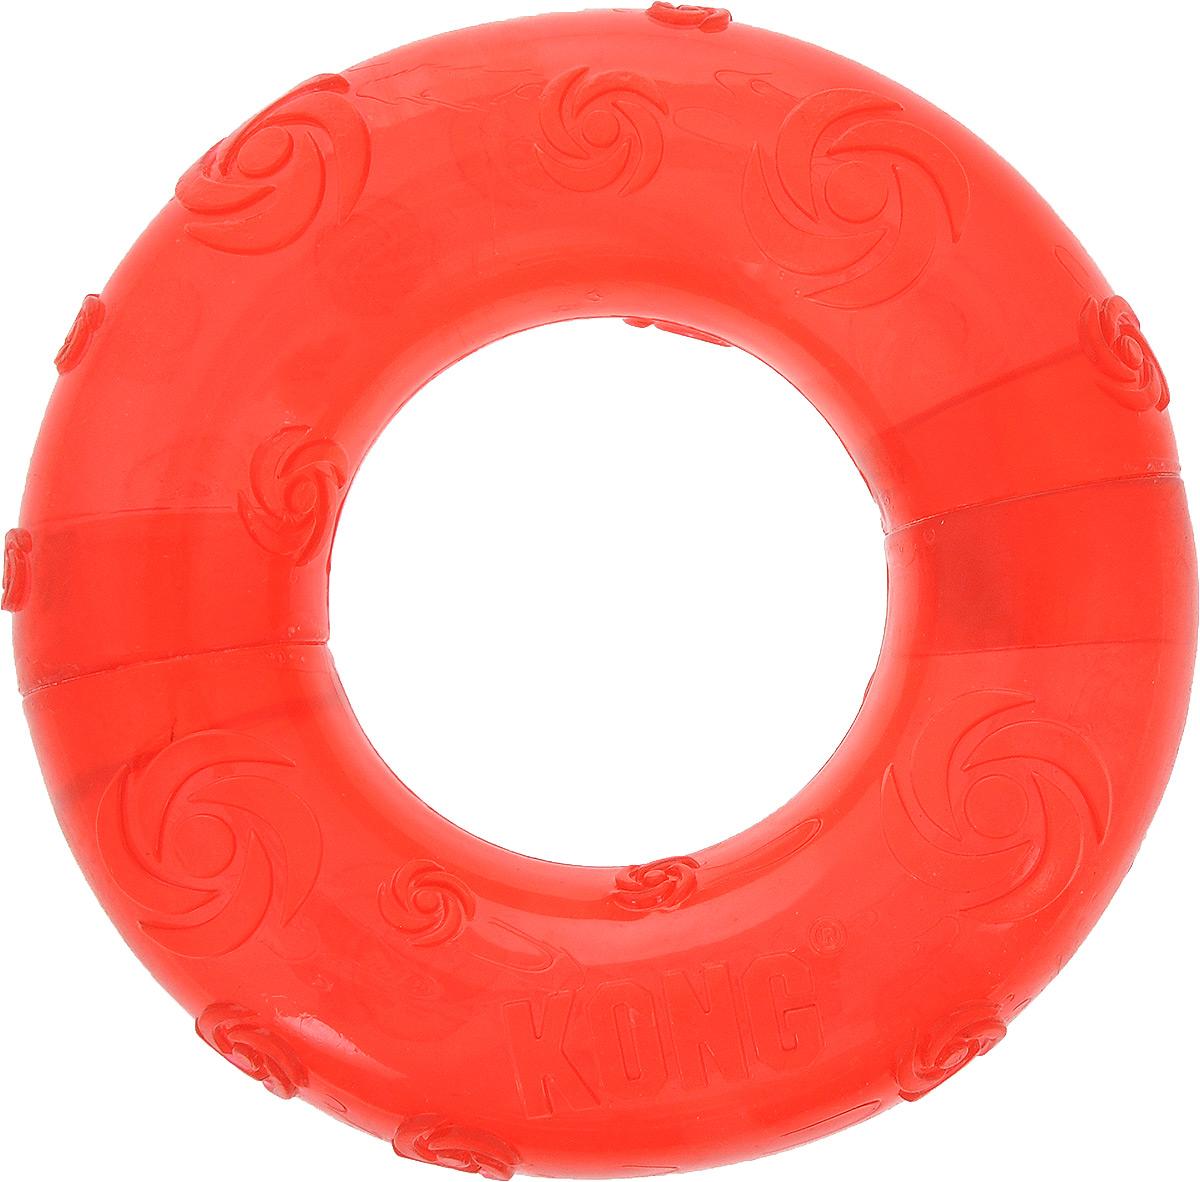 Игрушка для собак Kong Кольцо, с пищалкой, цвет: красный, 15 х 15 х 3,5 смPSR1_красныйИгрушка Kong Кольцо выполнена из высококачественной синтетической резины в виде большого кольца. Пищалка спрятана таким образом, чтобы собака не могла вынуть ее. Такая игрушка привлечет внимание вашего любимца и не оставит его равнодушным.